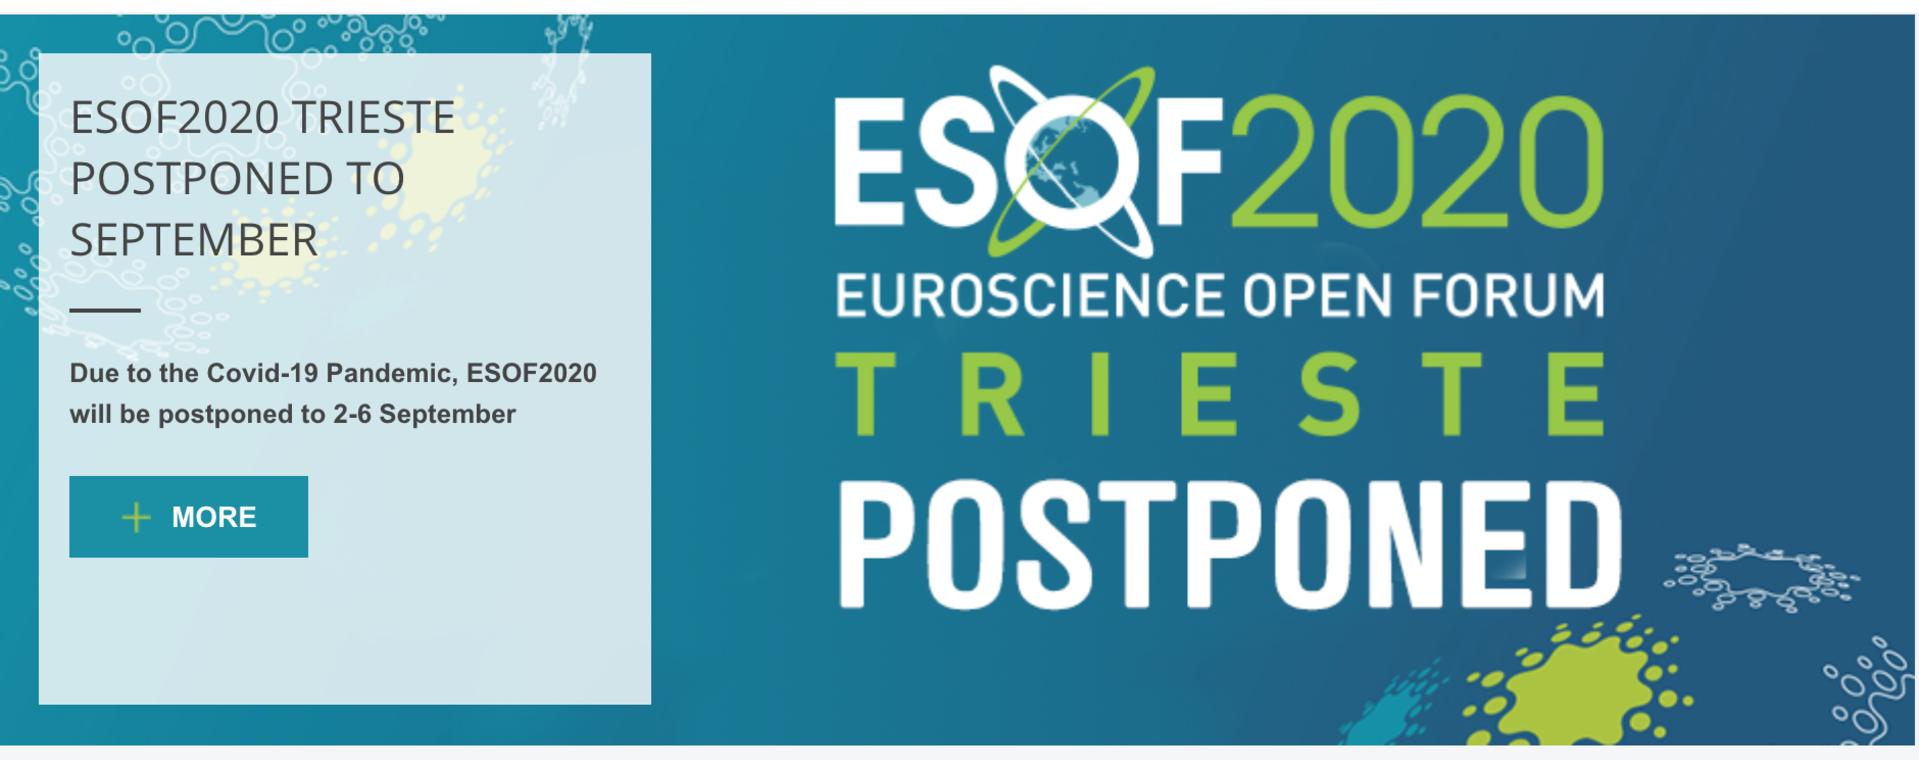 ESOF2020 riparte: presentati il nuovo formato e il programma aggiornato